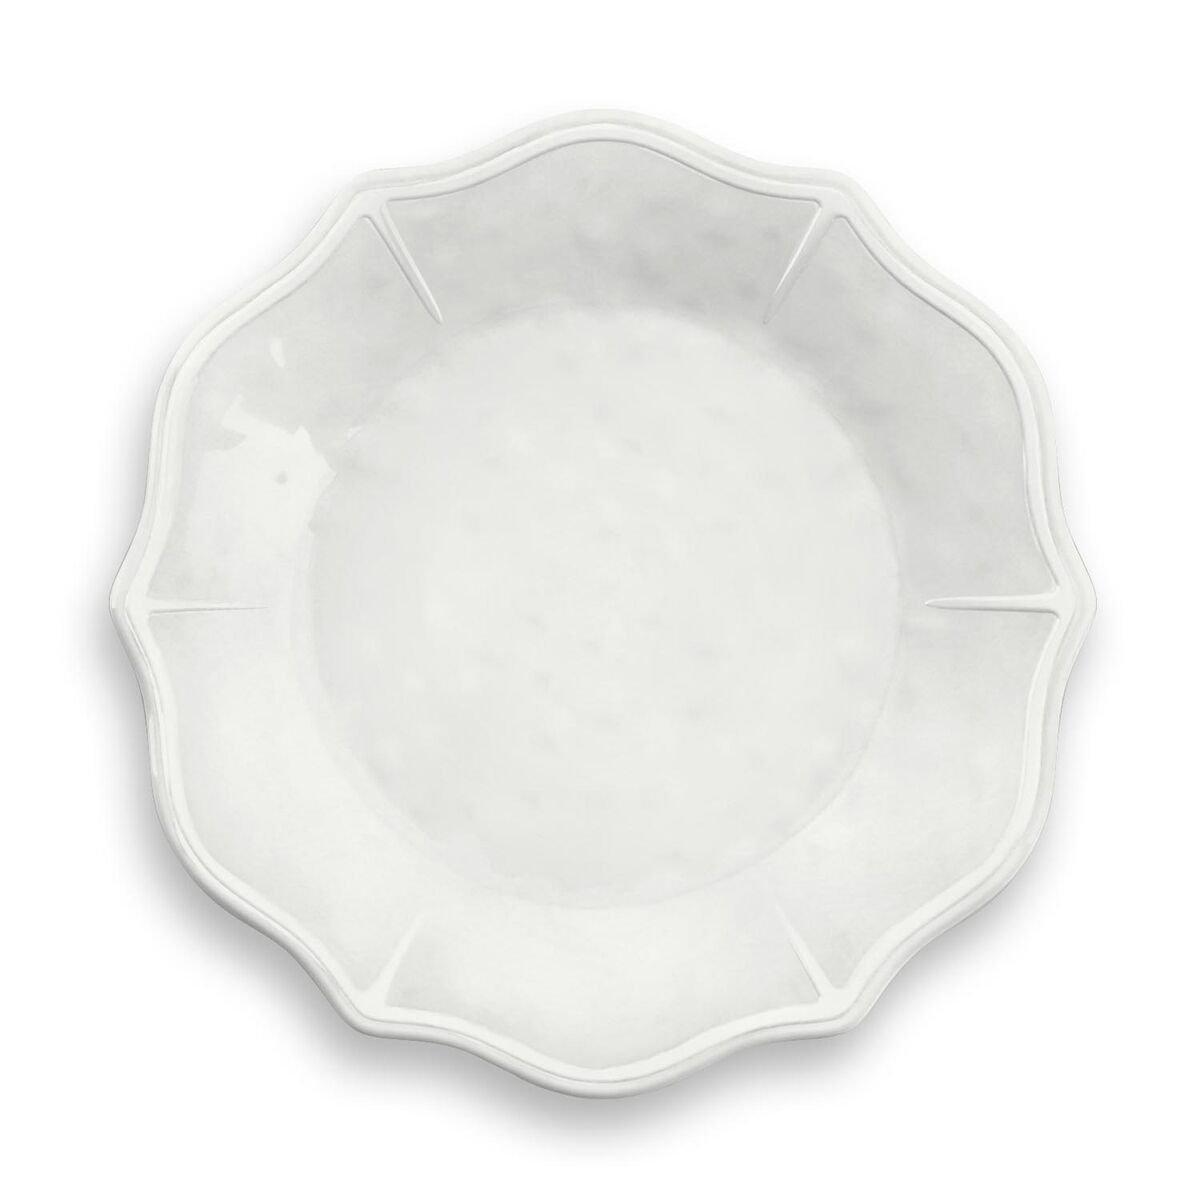 驚きの値段 Savinoホワイト12 Pieceメラミン食器セットby Tarhong B06X1GQ51B Tarhong Savinoホワイト12 B06X1GQ51B, シルクカシミヤ夢回廊:2d06b46b --- movellplanejado.com.br